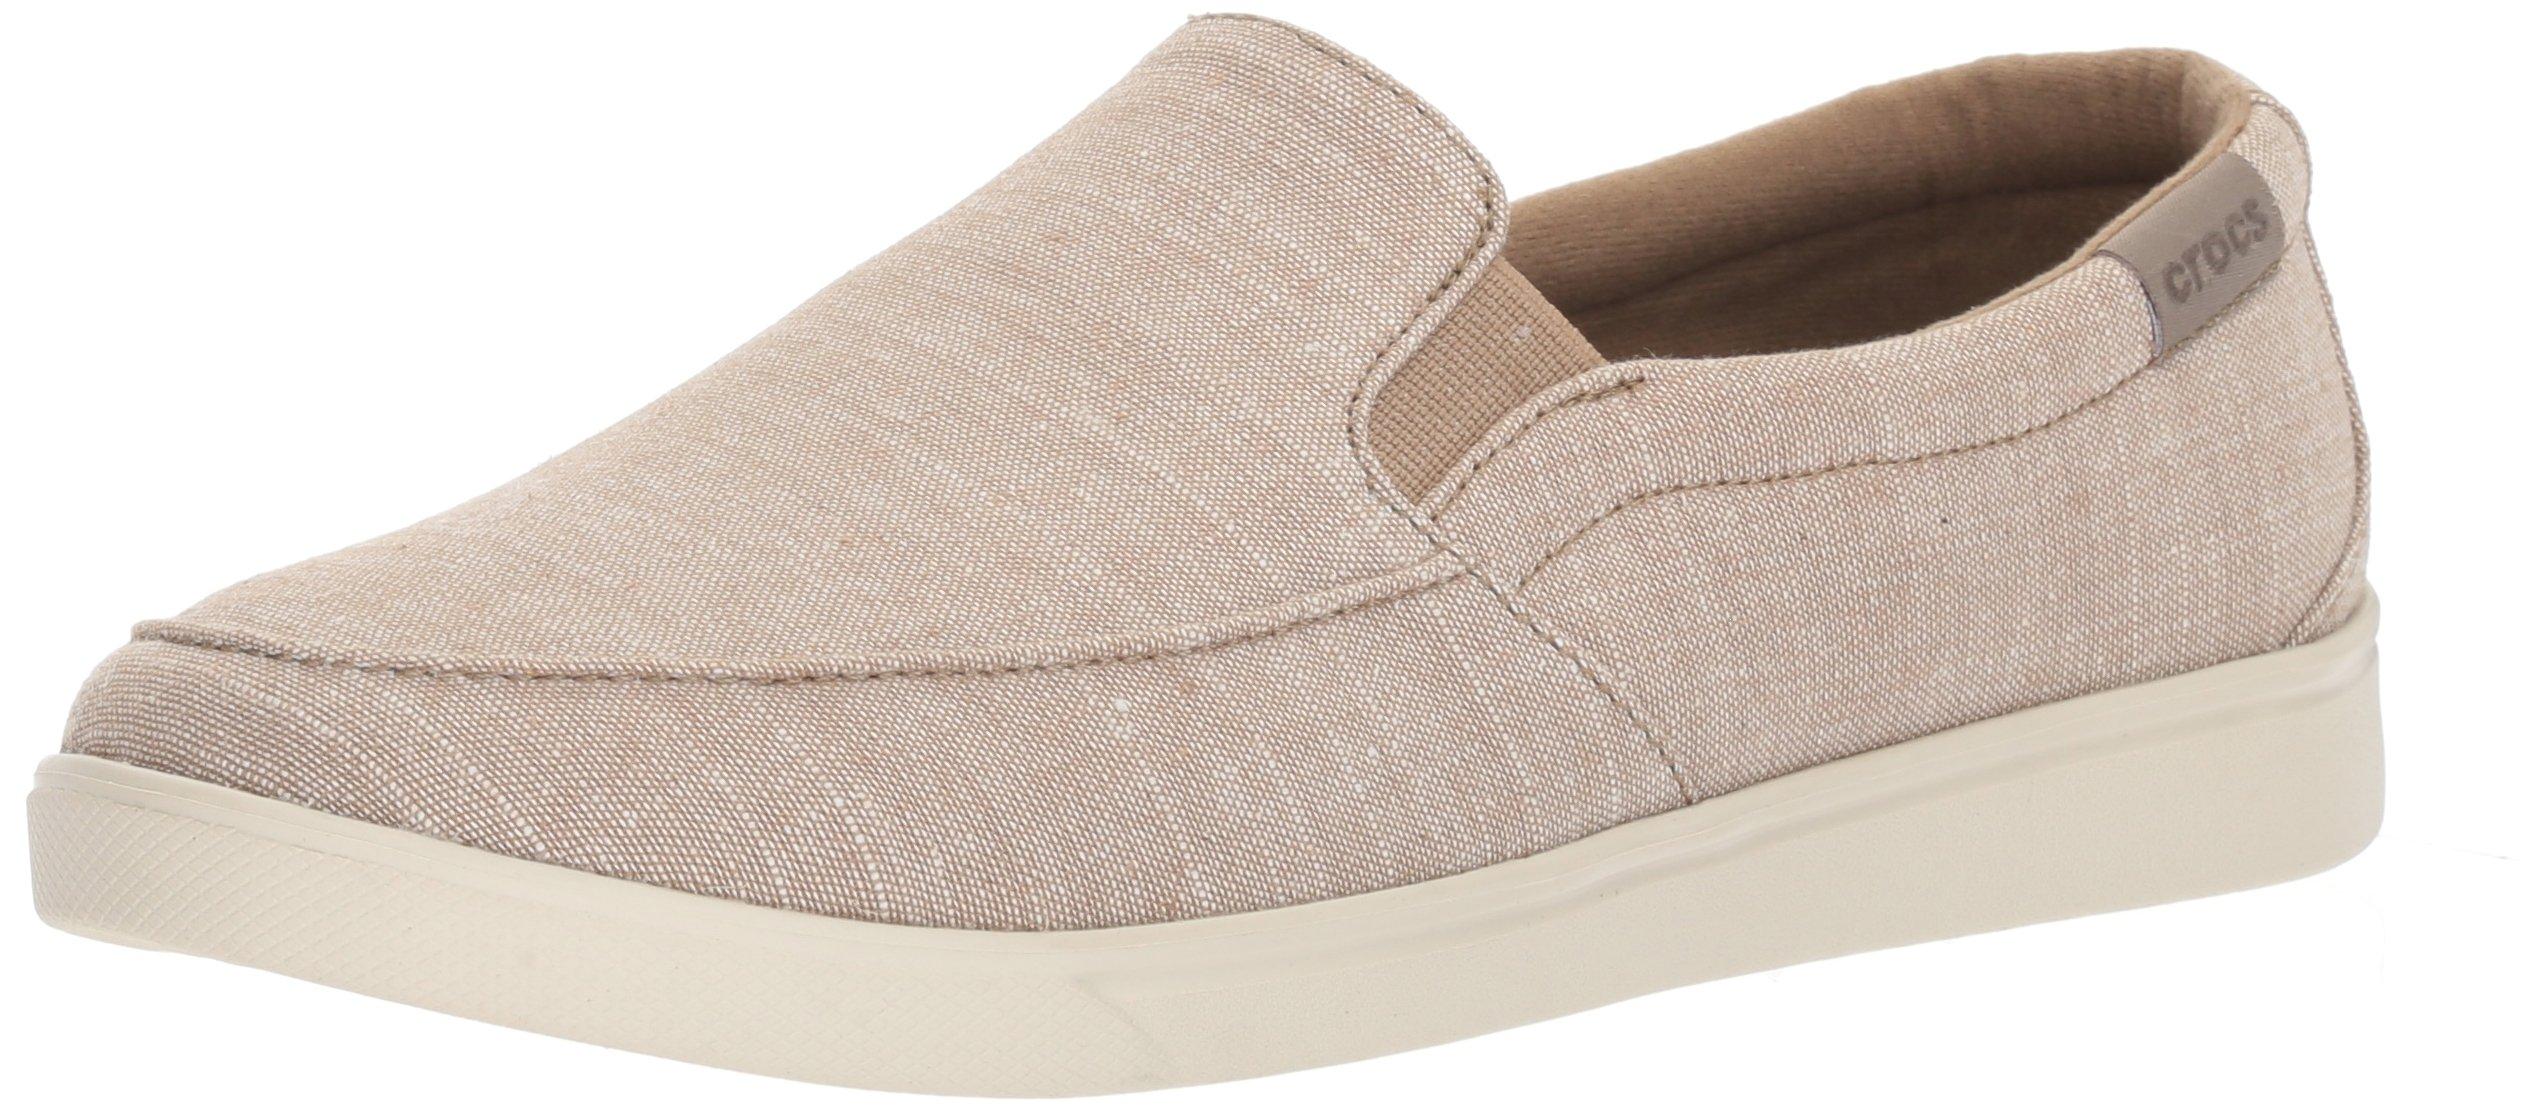 Crocs Women's Citilane Low Slipon W Sneaker, Khaki, 7 M US